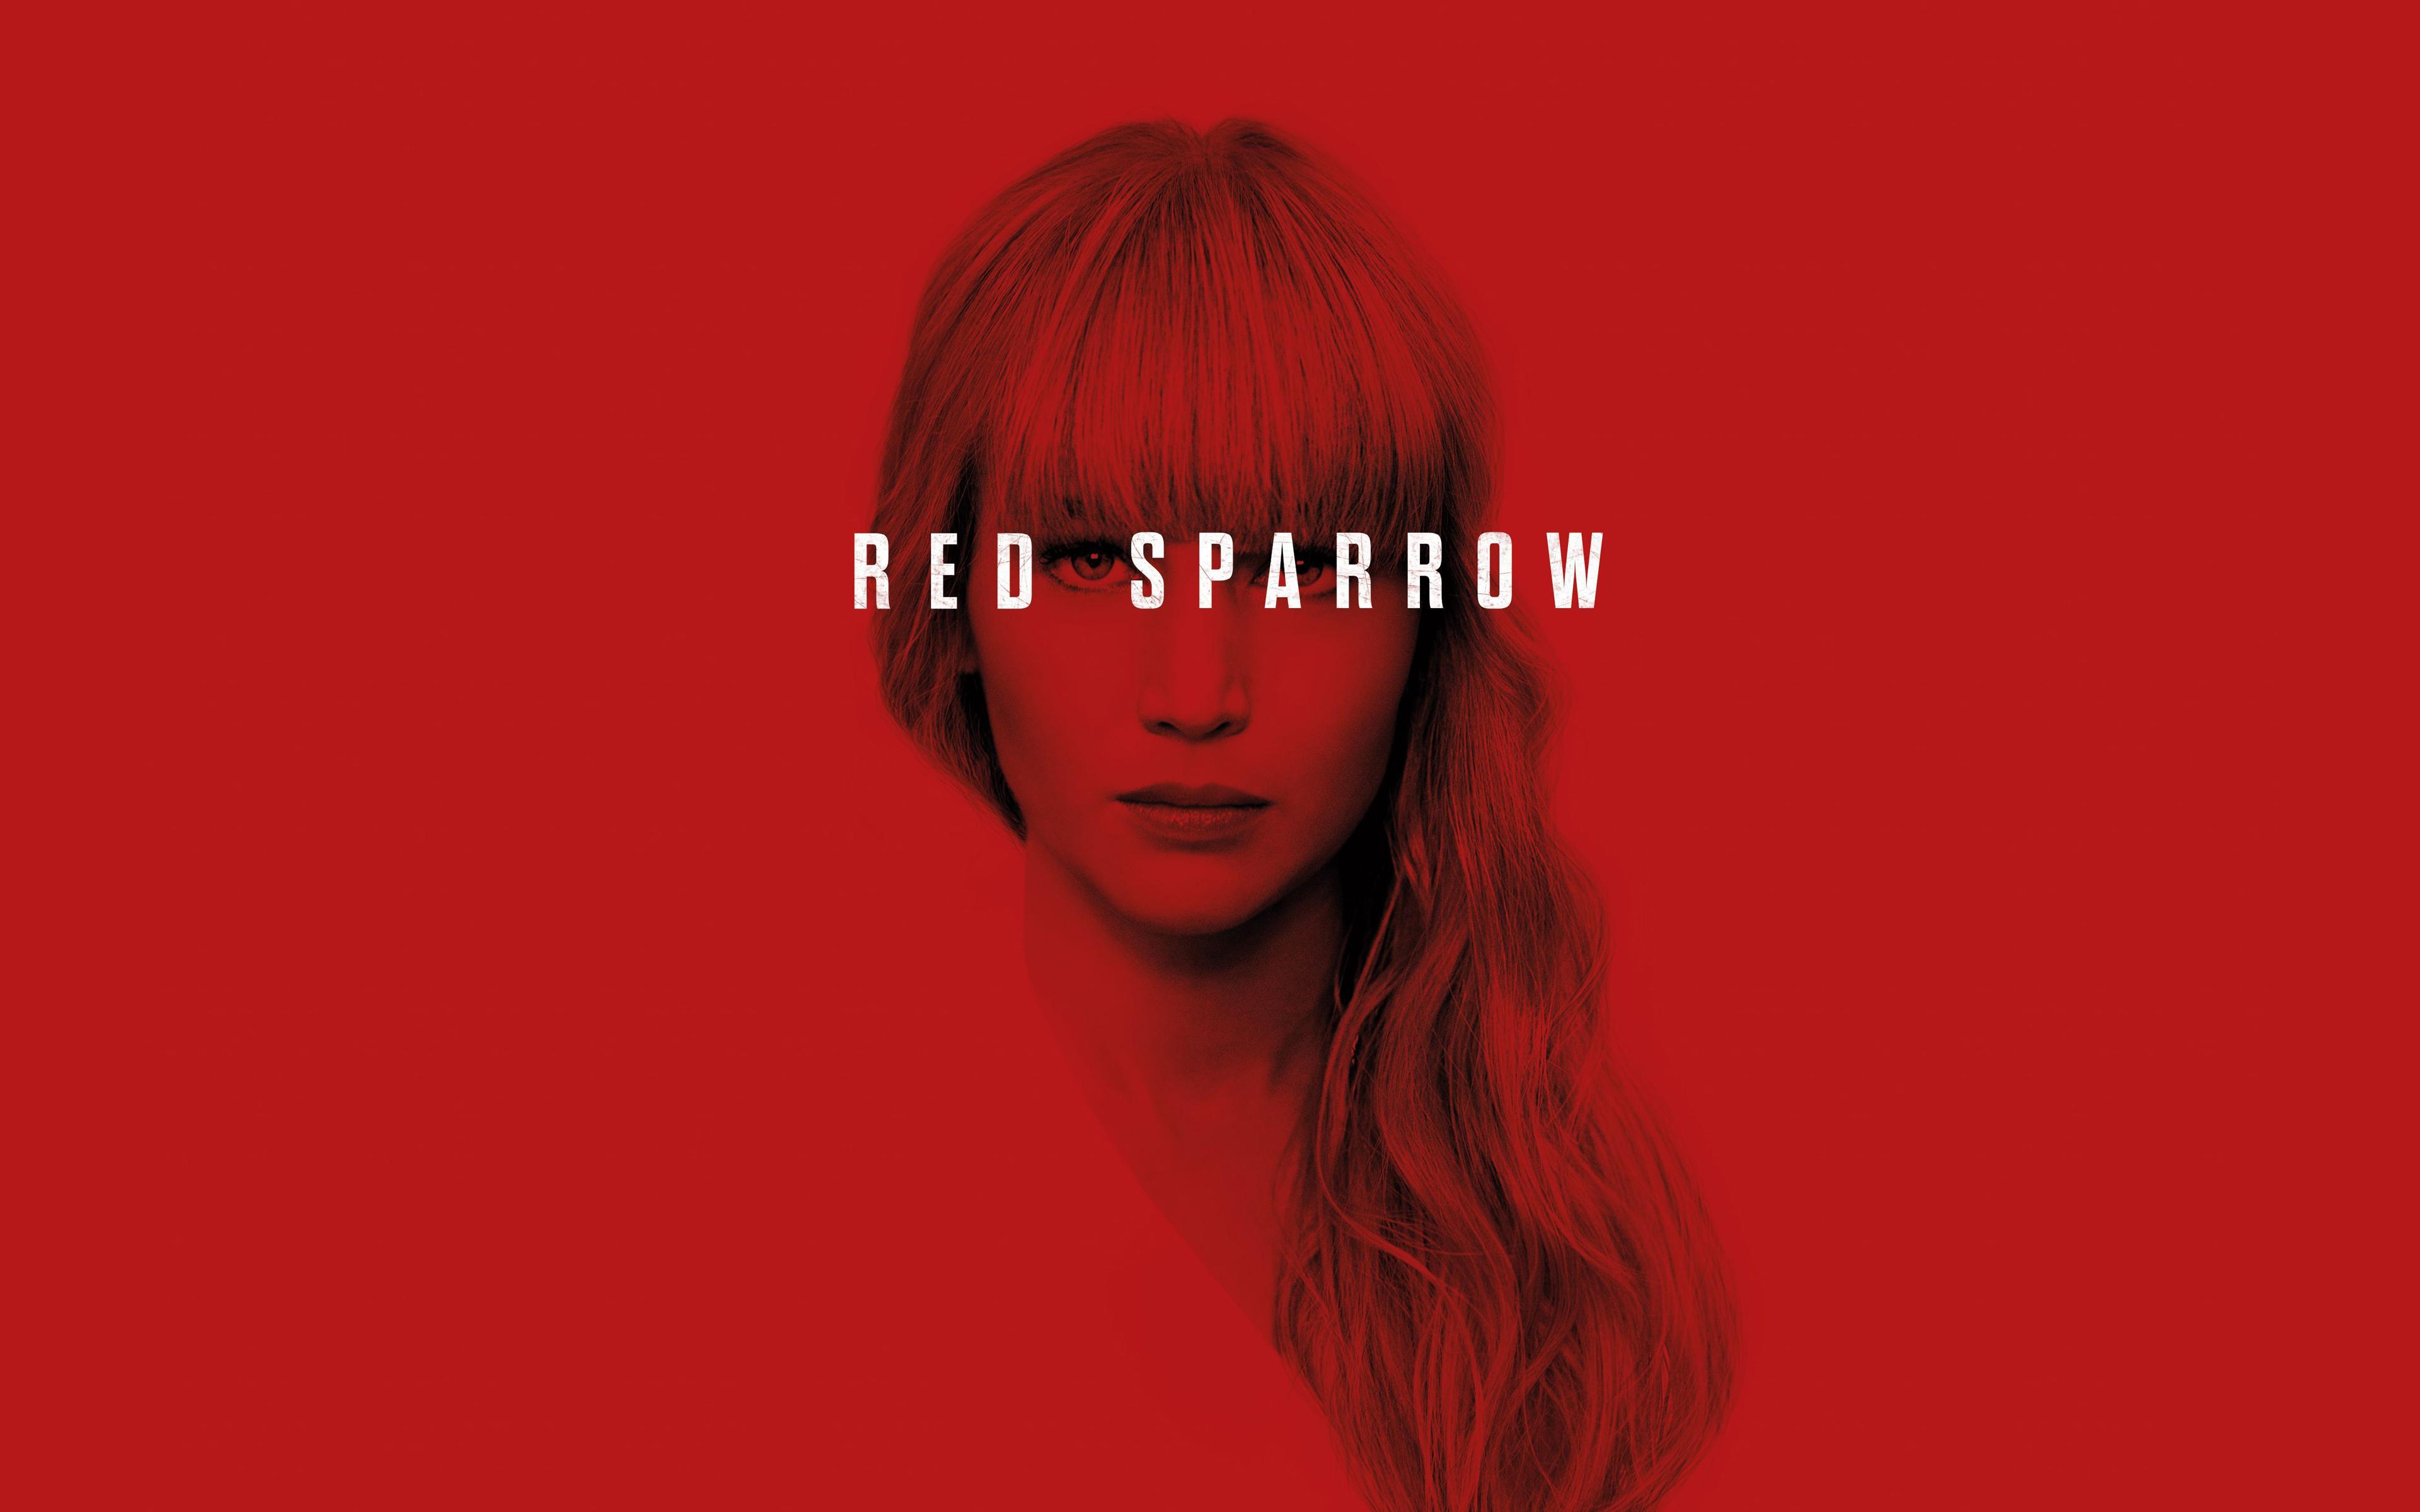 https://cinemaplanet.pt/wp-content/uploads/2018/02/jennifer_lawrence_red_sparrow_4k-wide.jpg